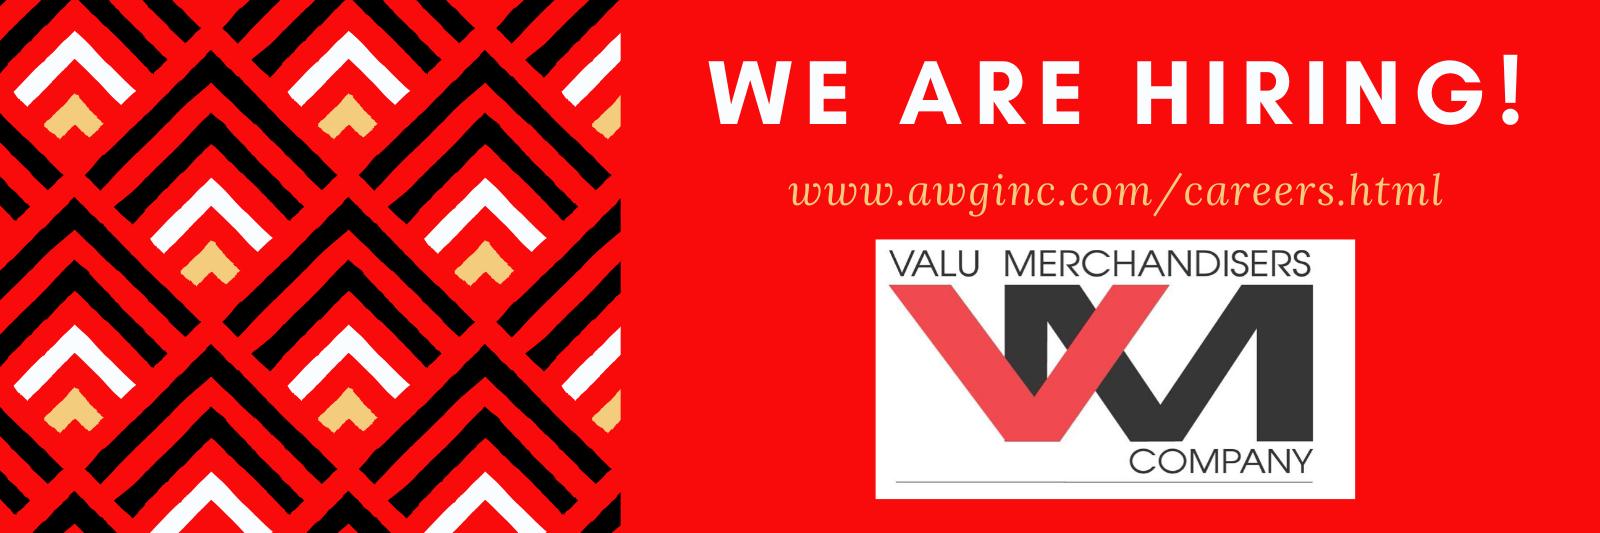 VMC-Hiring-website-homepage-image.png